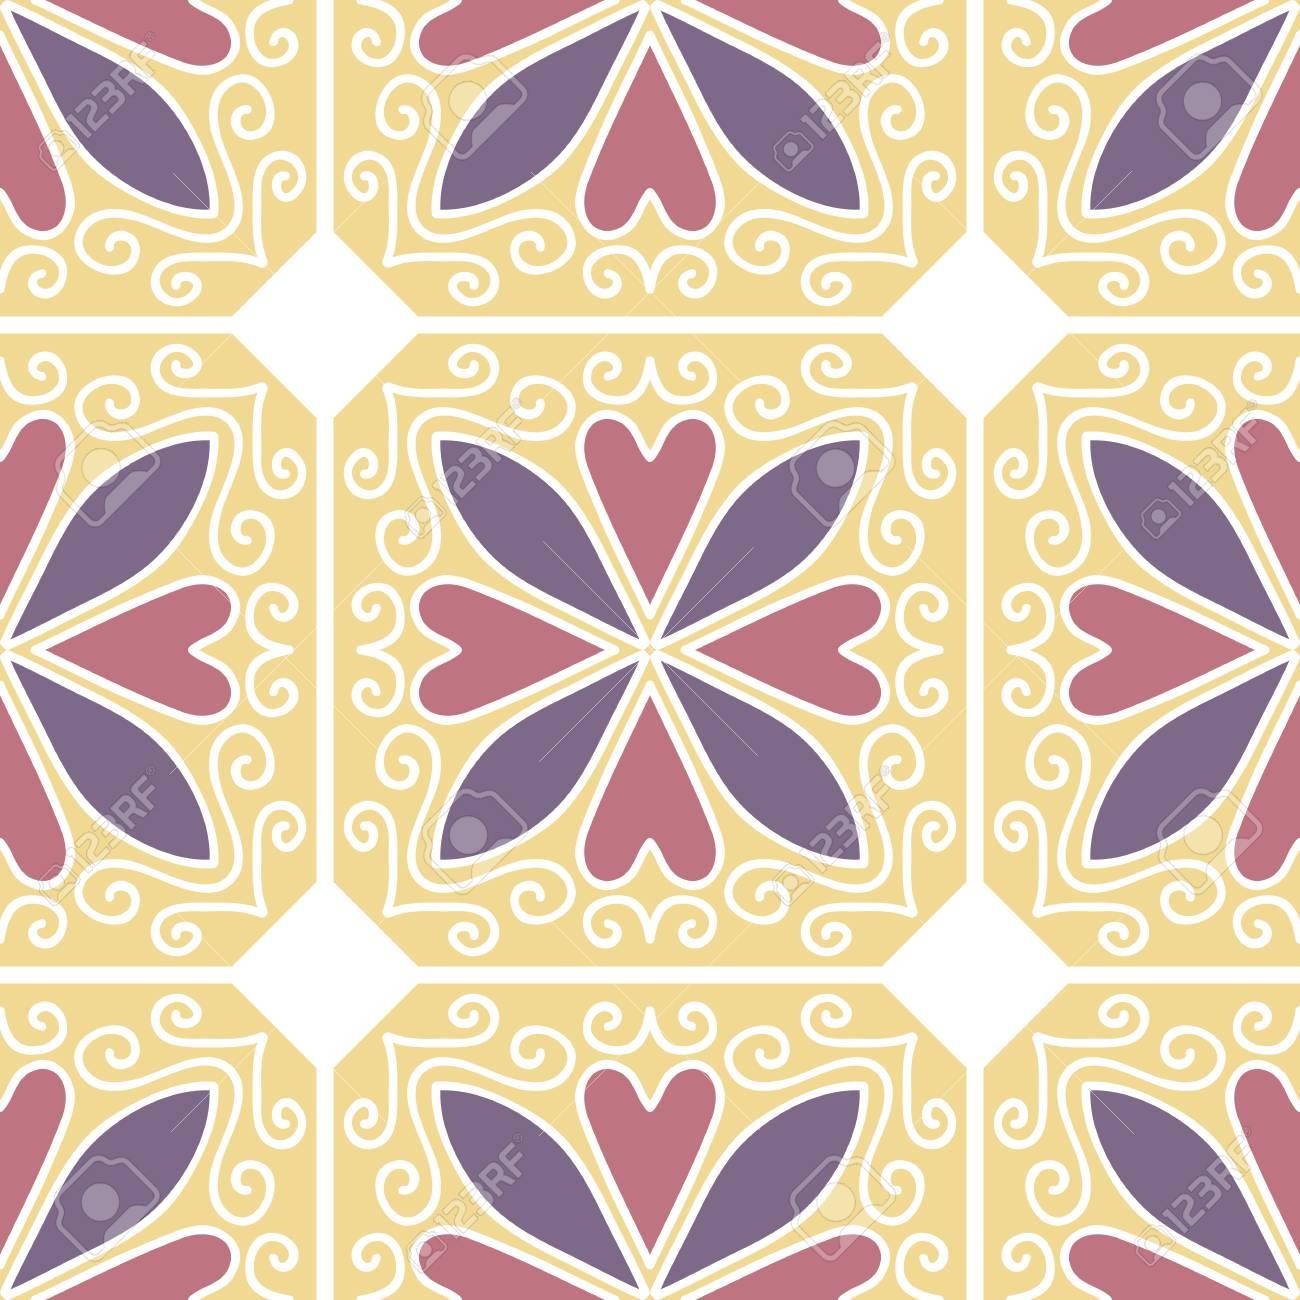 カラフルなモロッコのタイル装飾 Web ページの背景テクスチャ パターンの塗りつぶしの壁紙に使用できます ベクトル図のイラスト素材 ベクタ Image